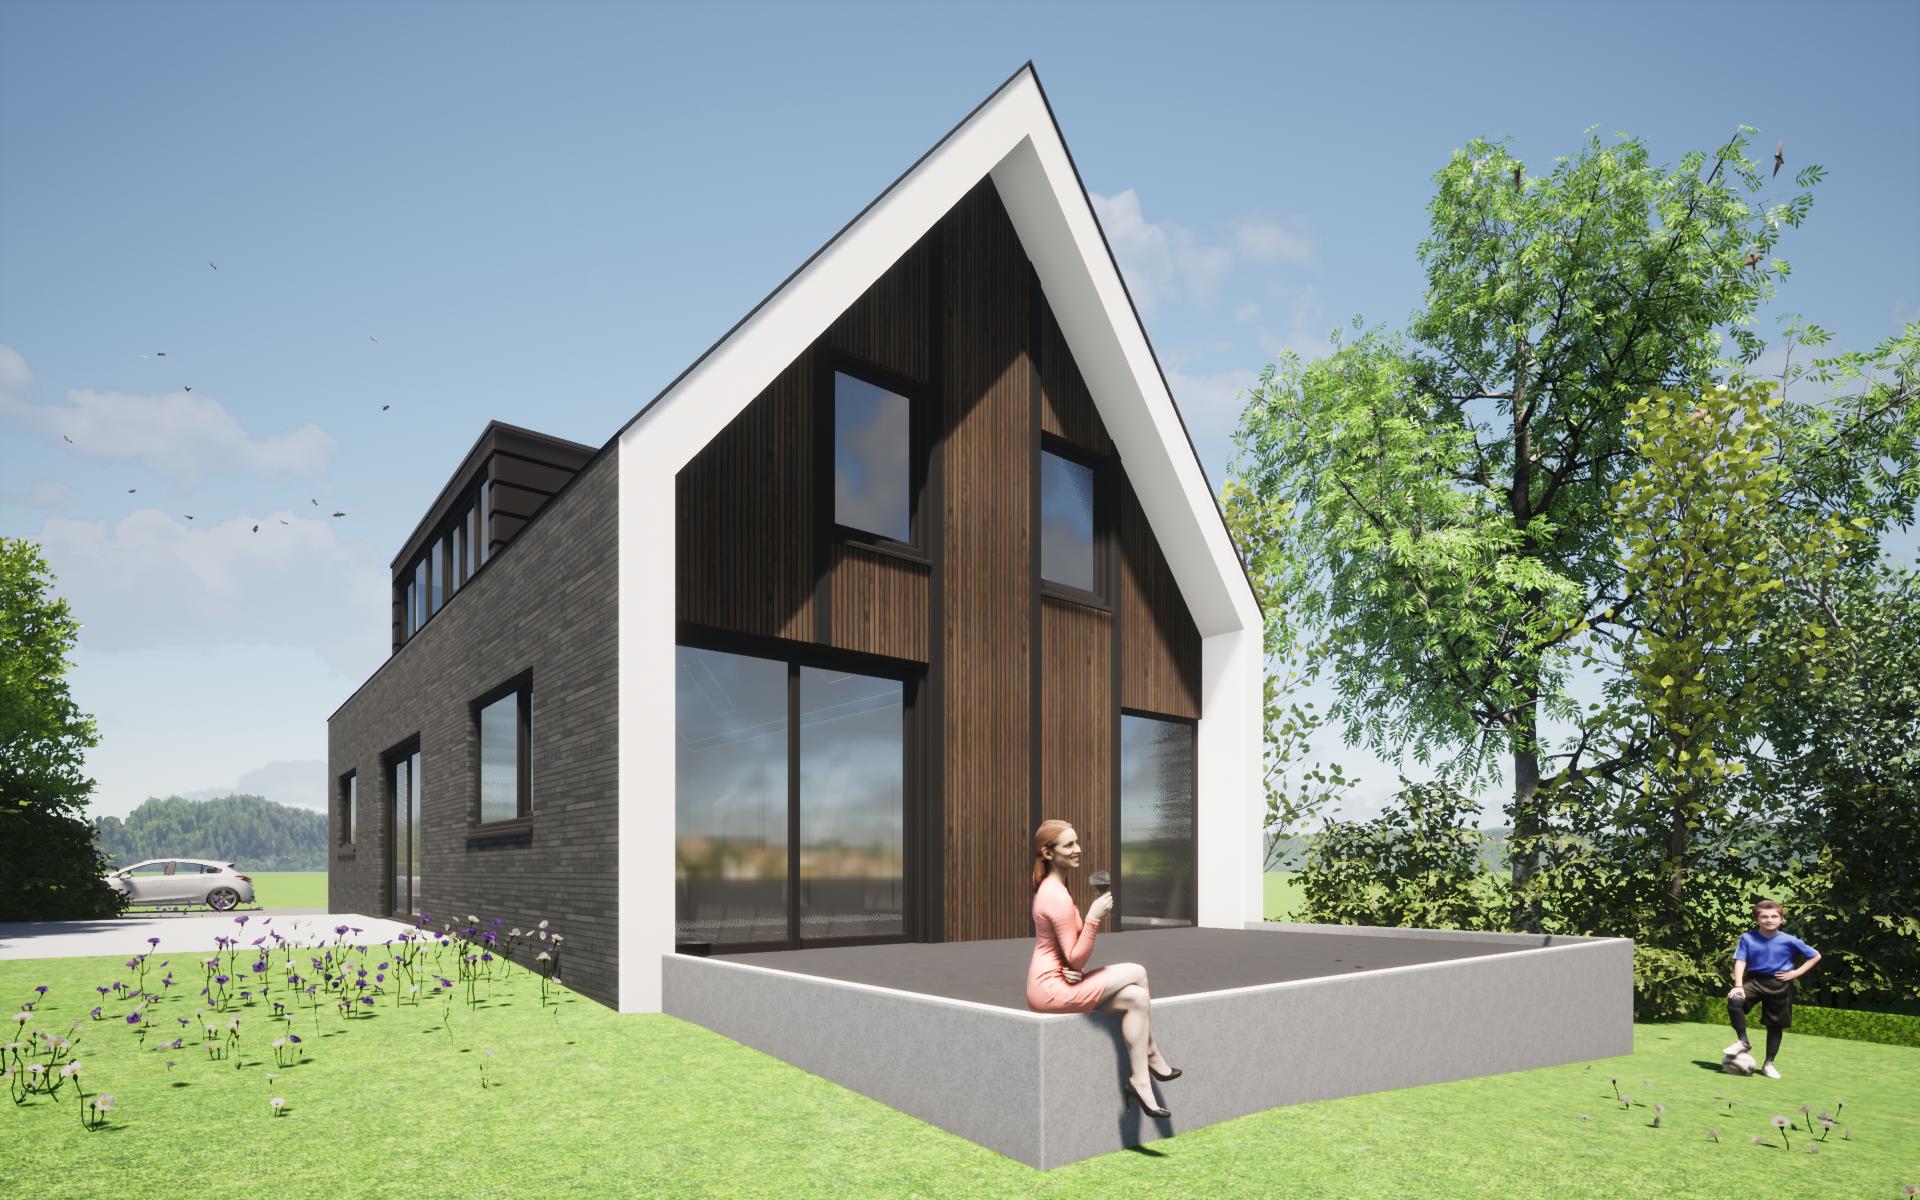 schuurwoning modern architectuur ontwerp 3